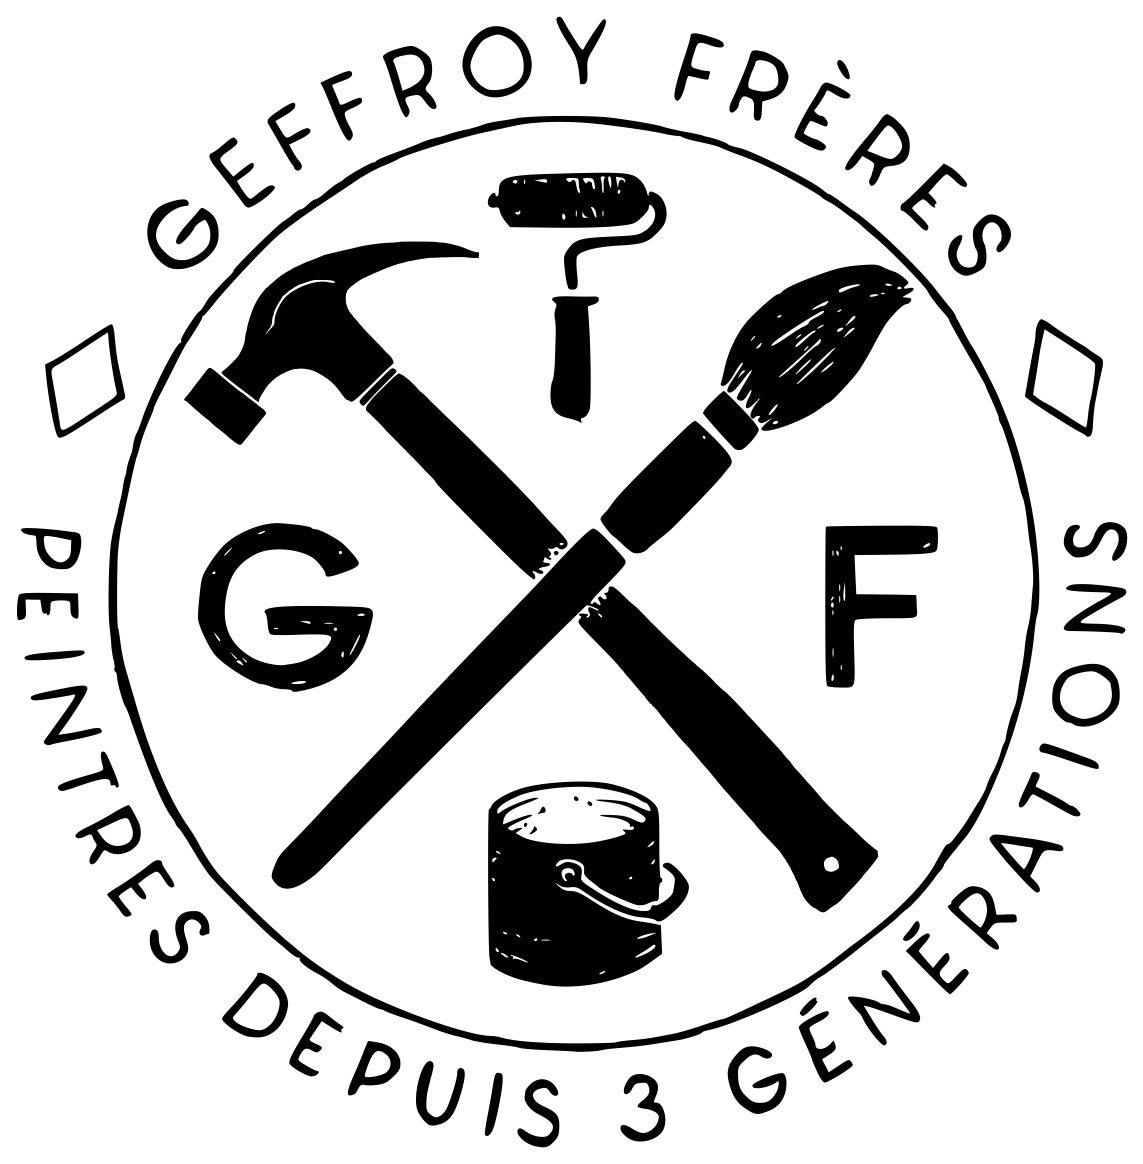 GEFFROY FRERES NANTES – PEINTURE & MENUISERIE NANTES